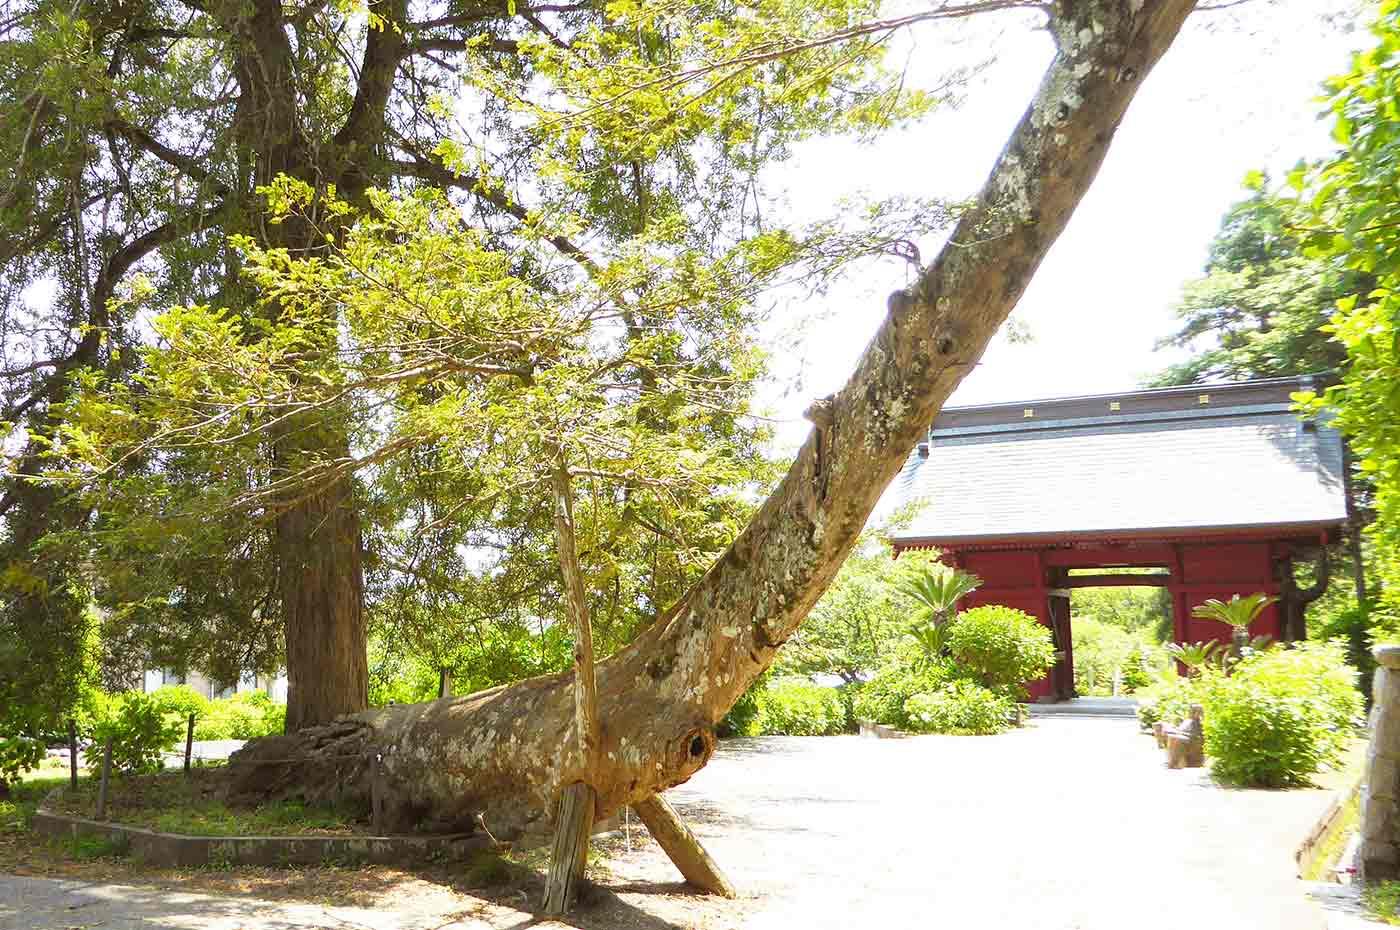 日運寺の榧の木 南房総市天然記念物